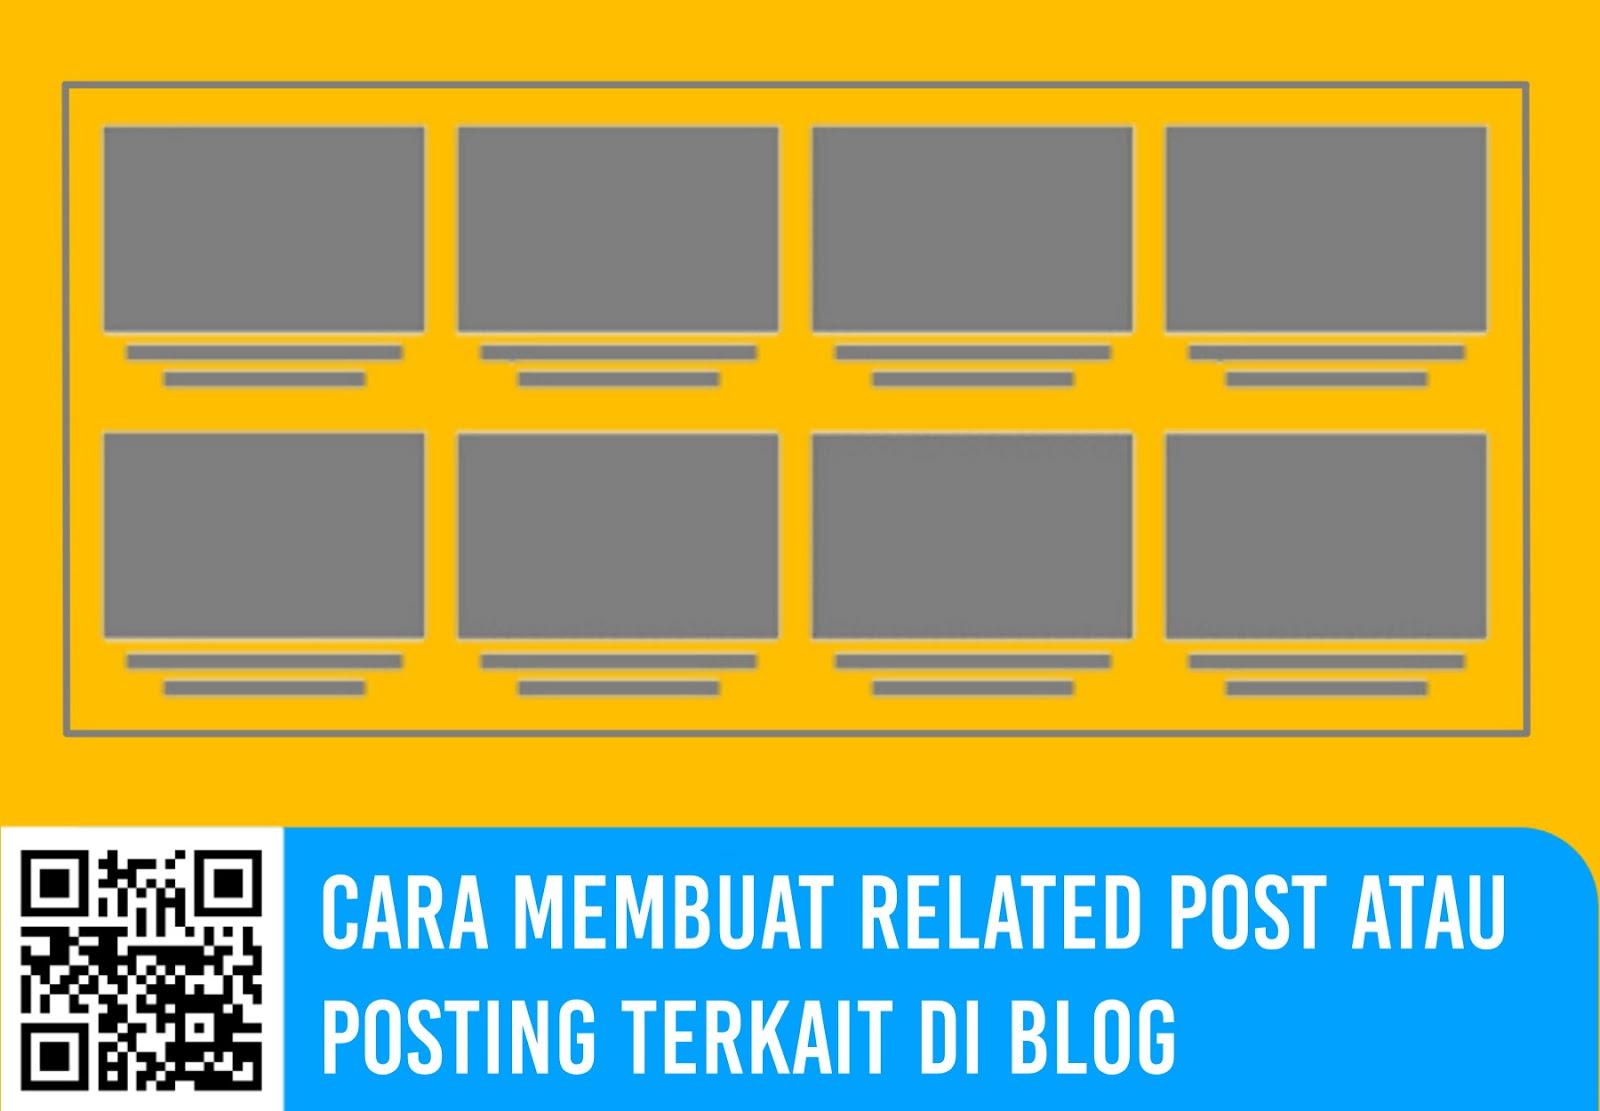 Cara Membuat Related Post atau Posting Terkait di Blog